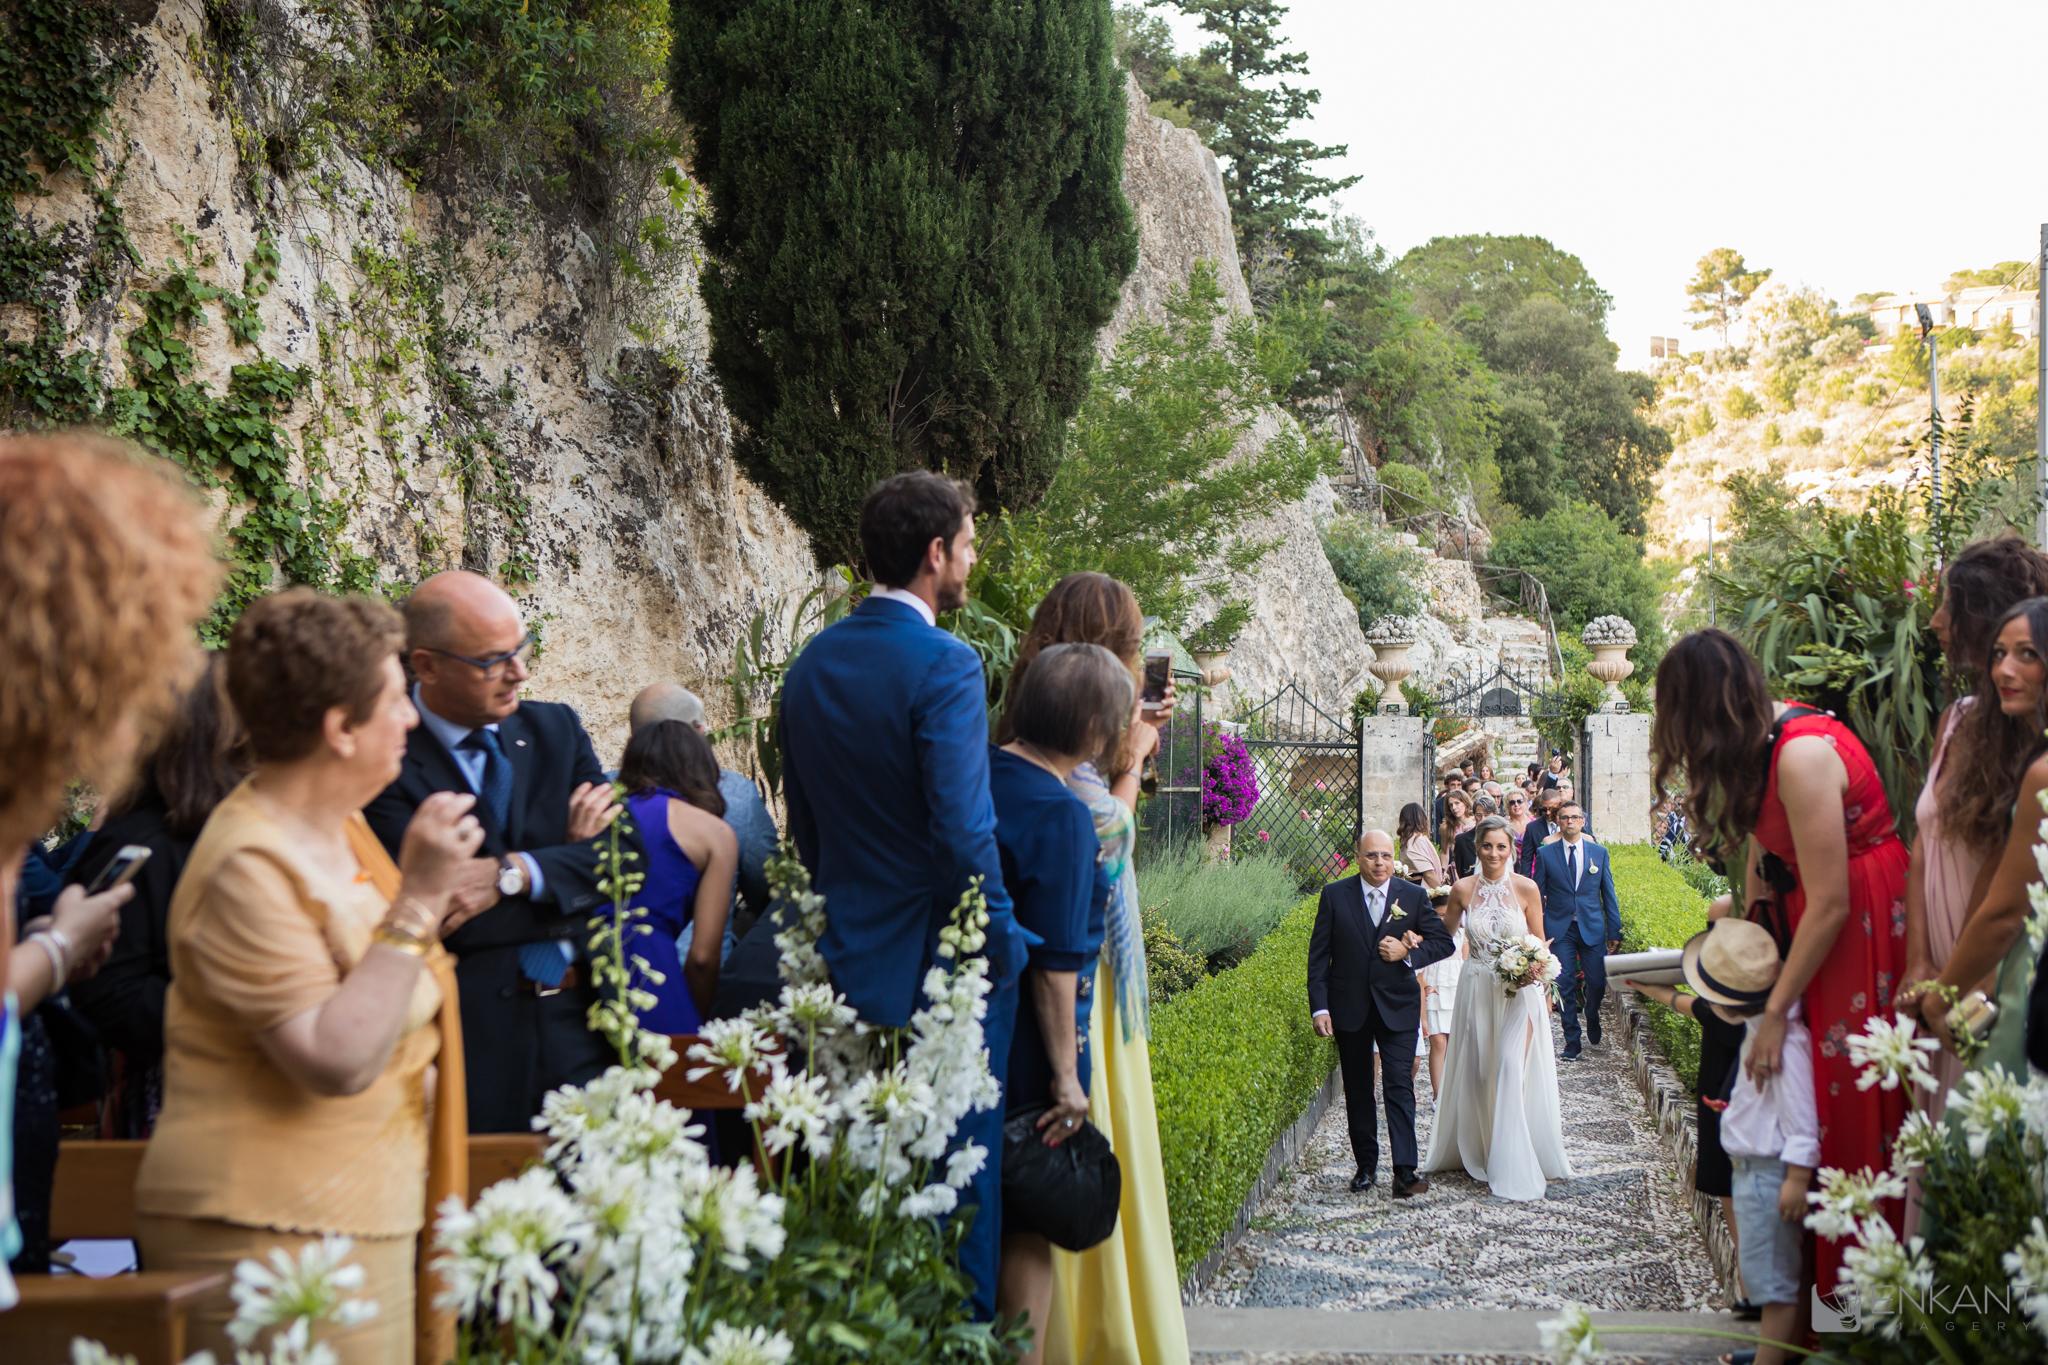 foto-matrimonio-enkant-noto-dimoradellebalze-29.jpg